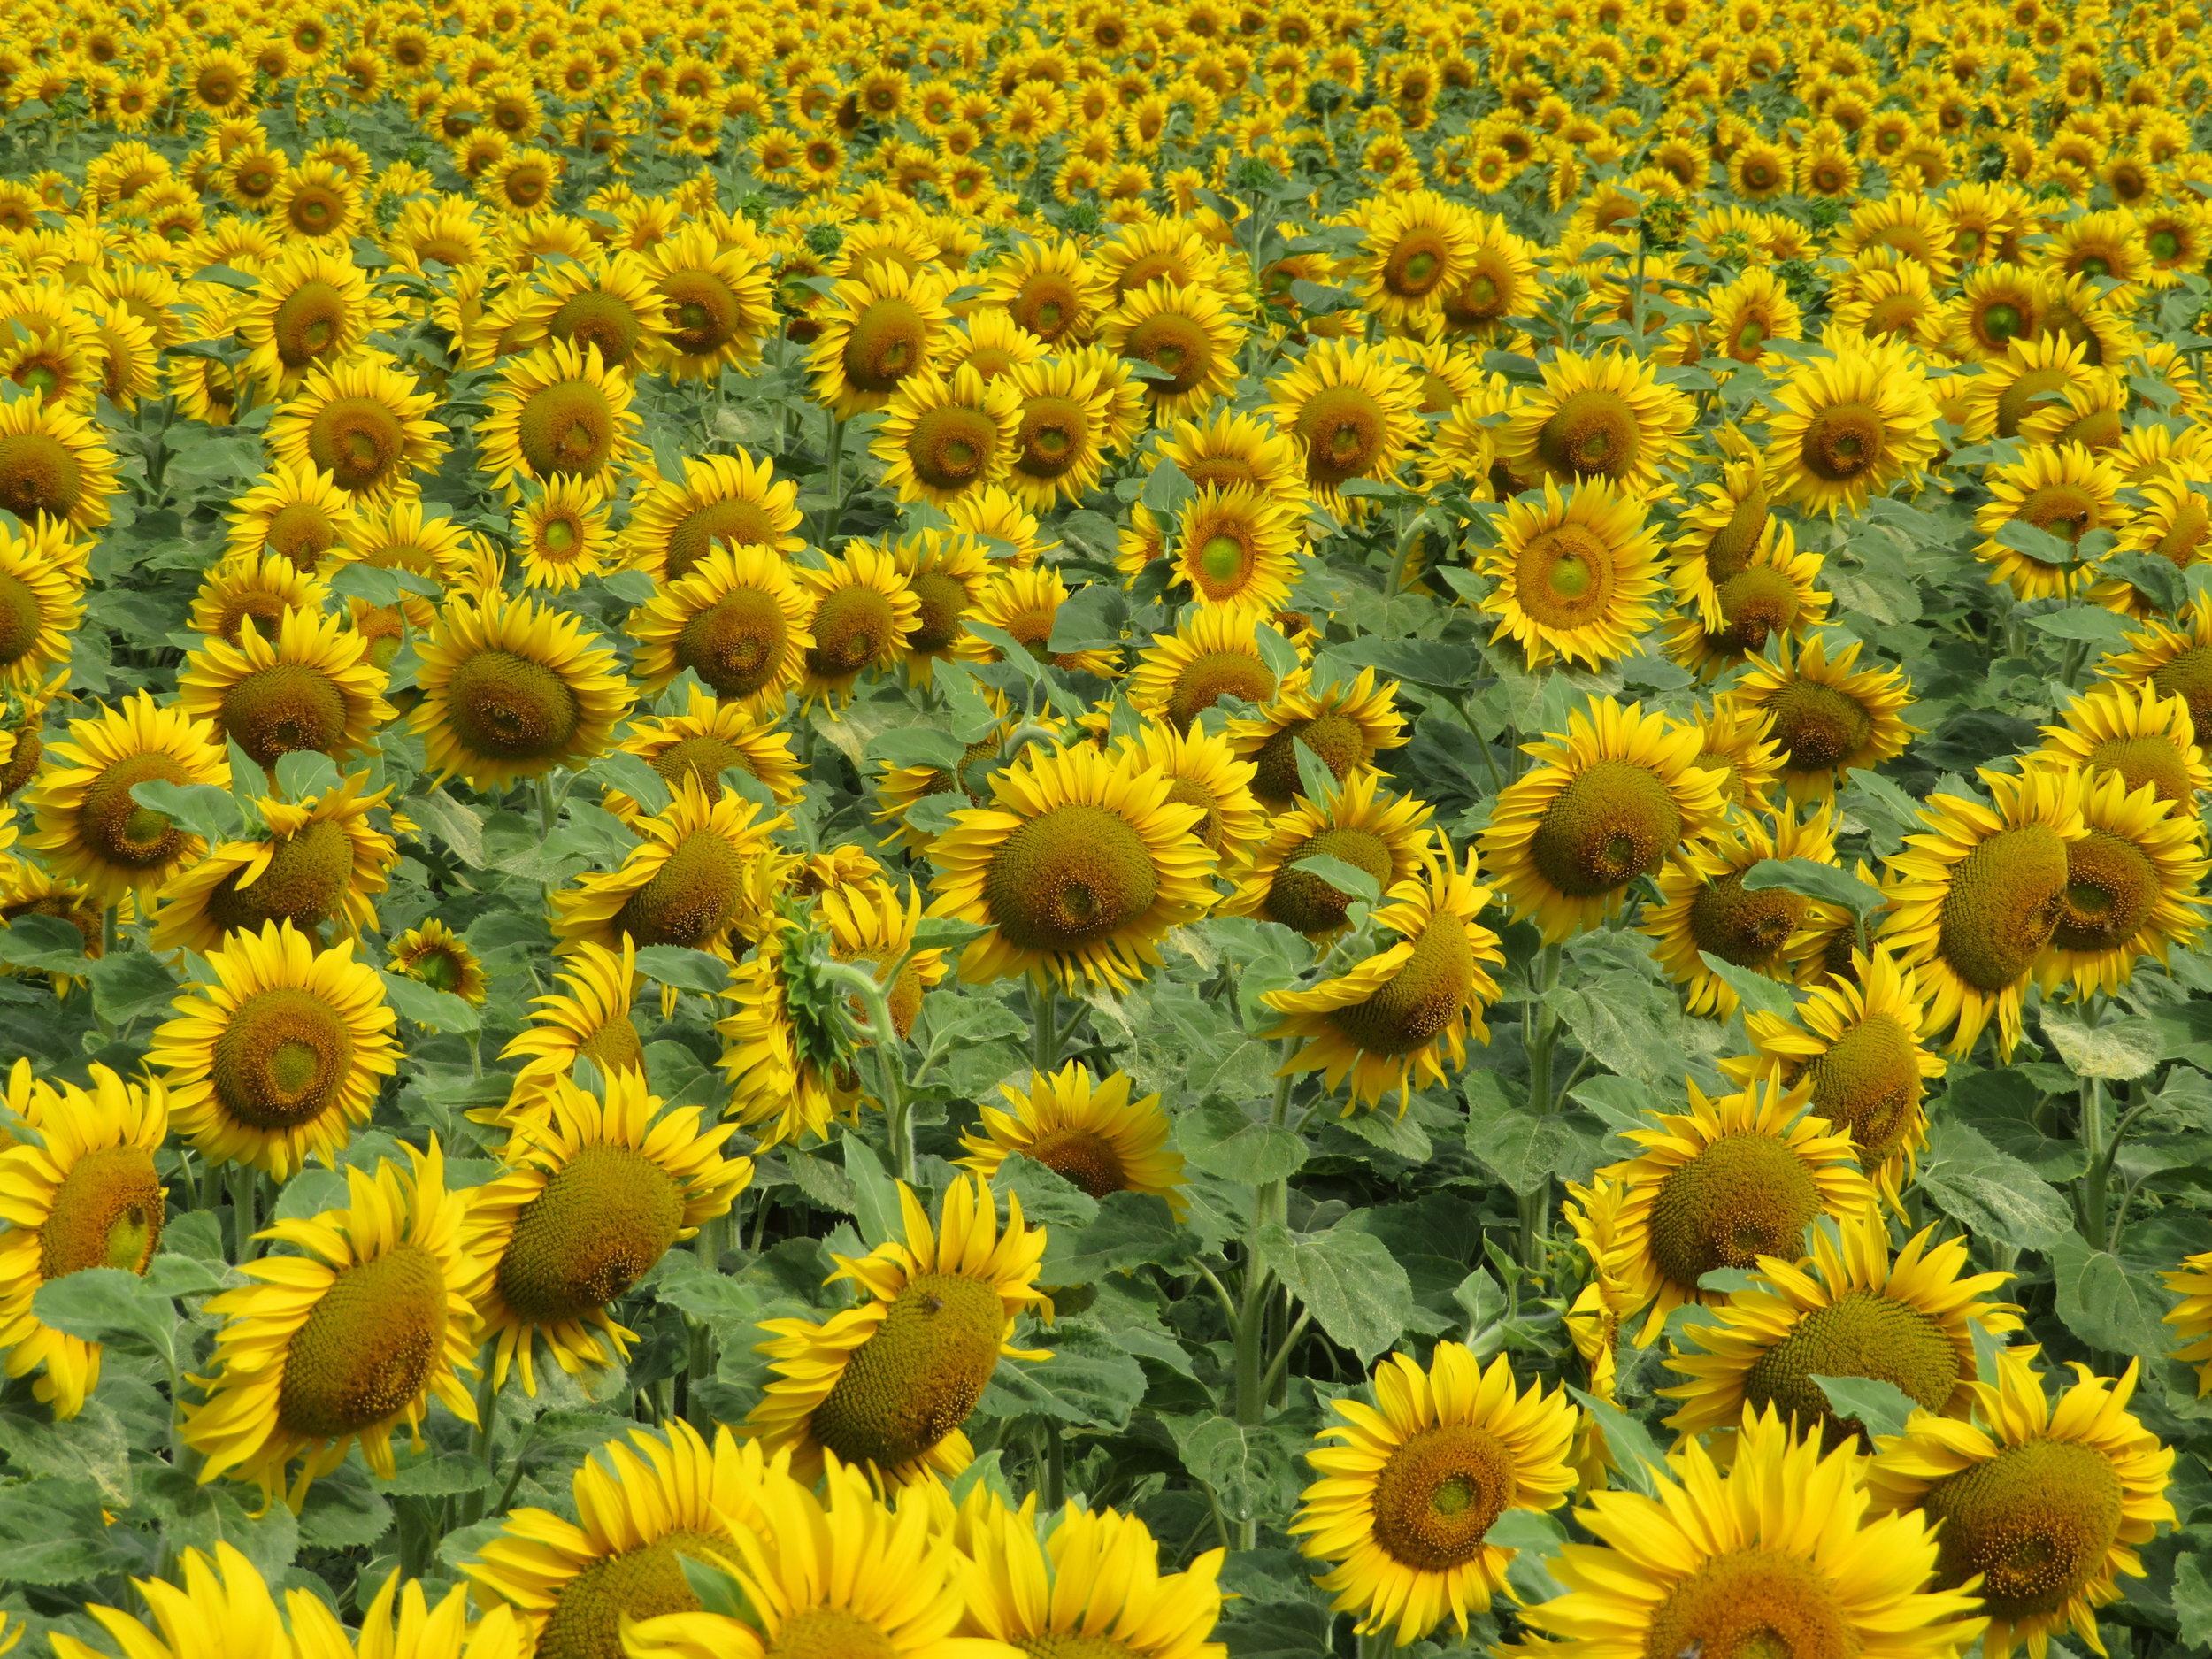 fields_sunflowers.JPG